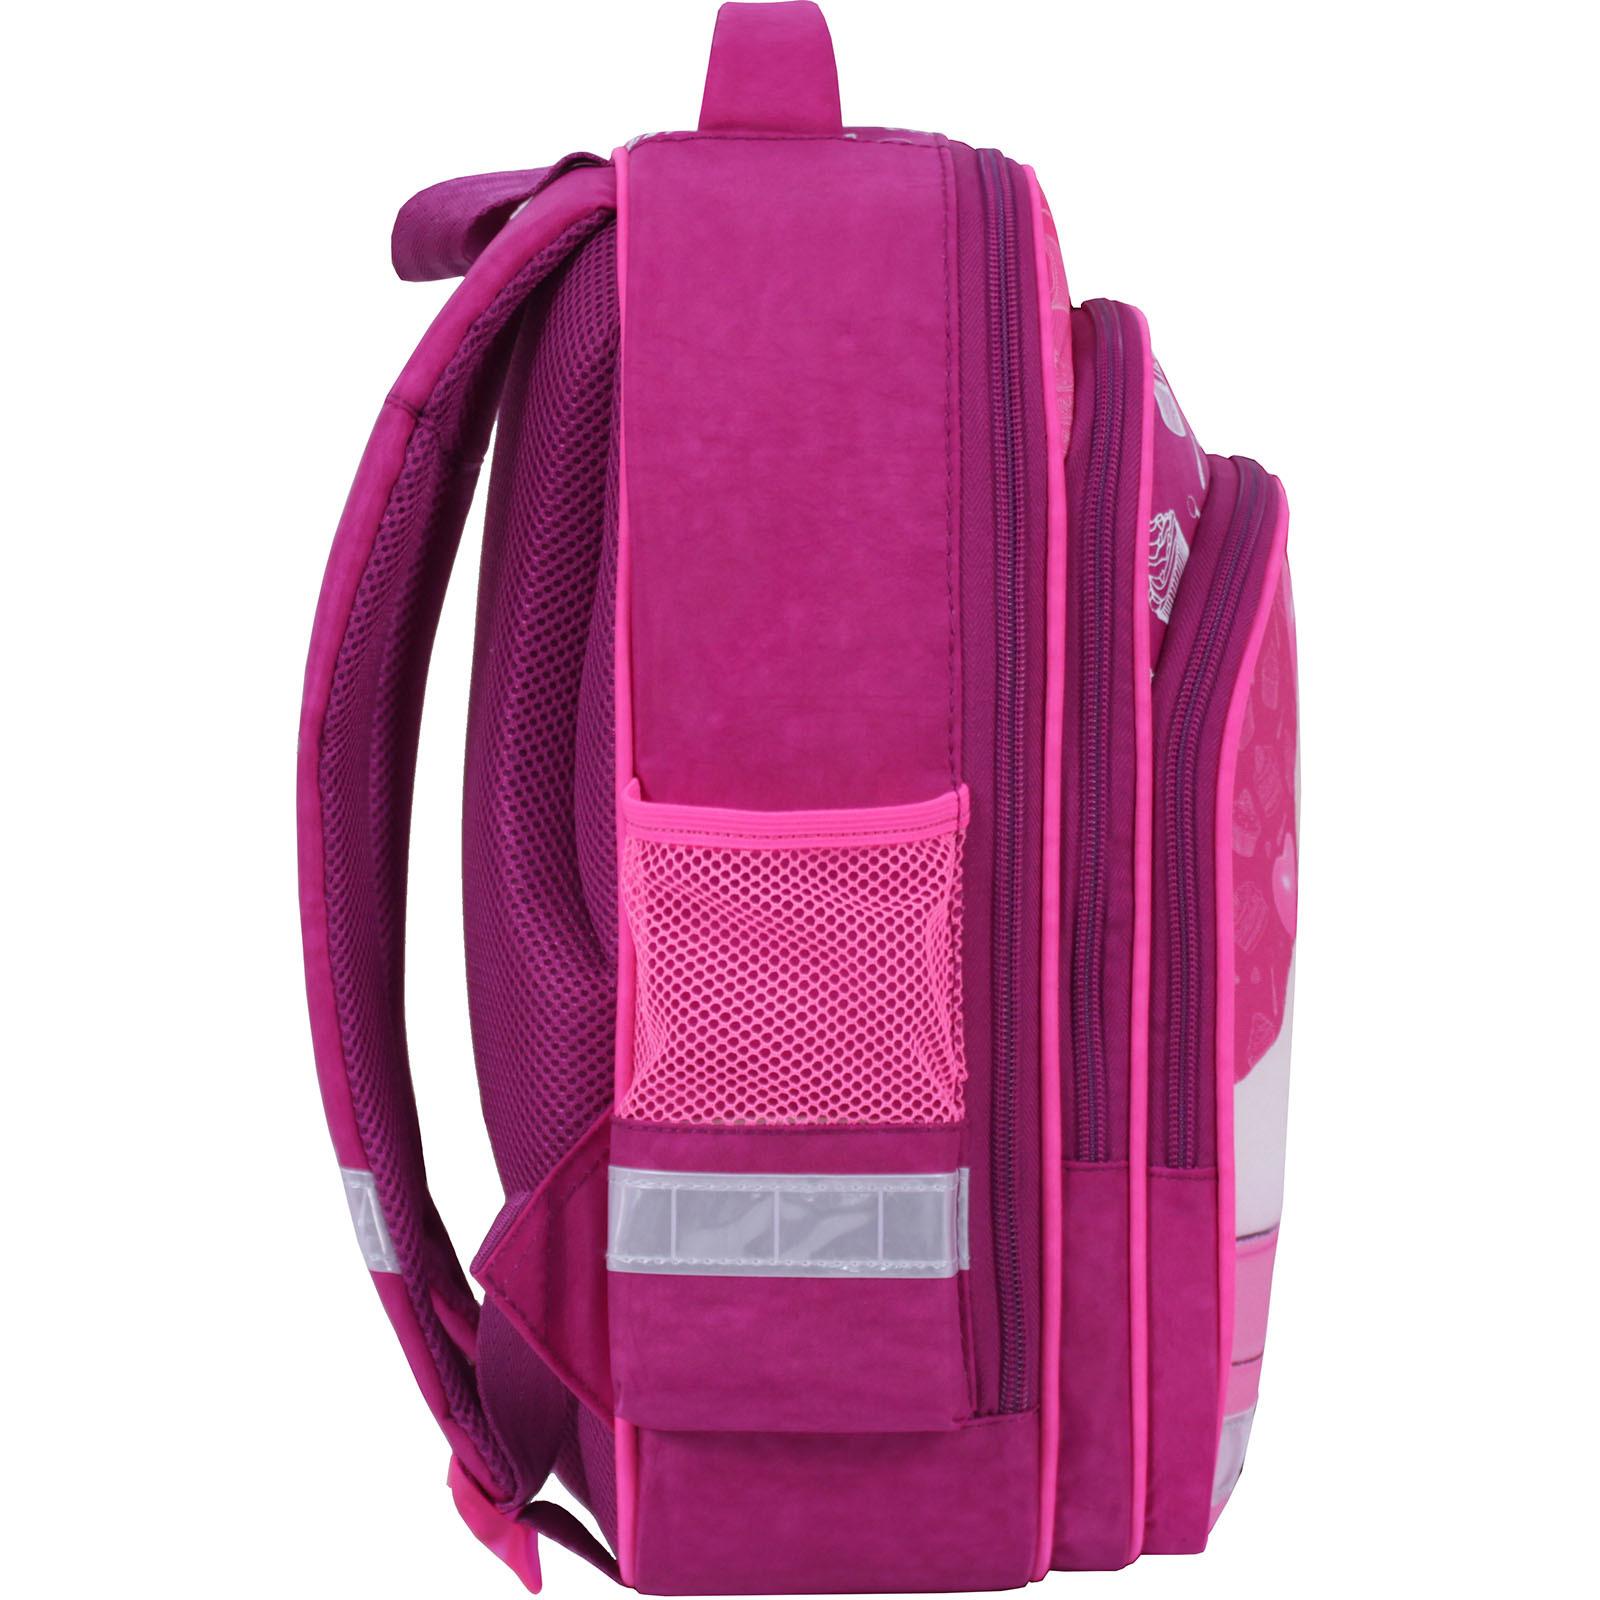 Рюкзак школьный Bagland Mouse 143 малиновый 593 (0051370) фото 2